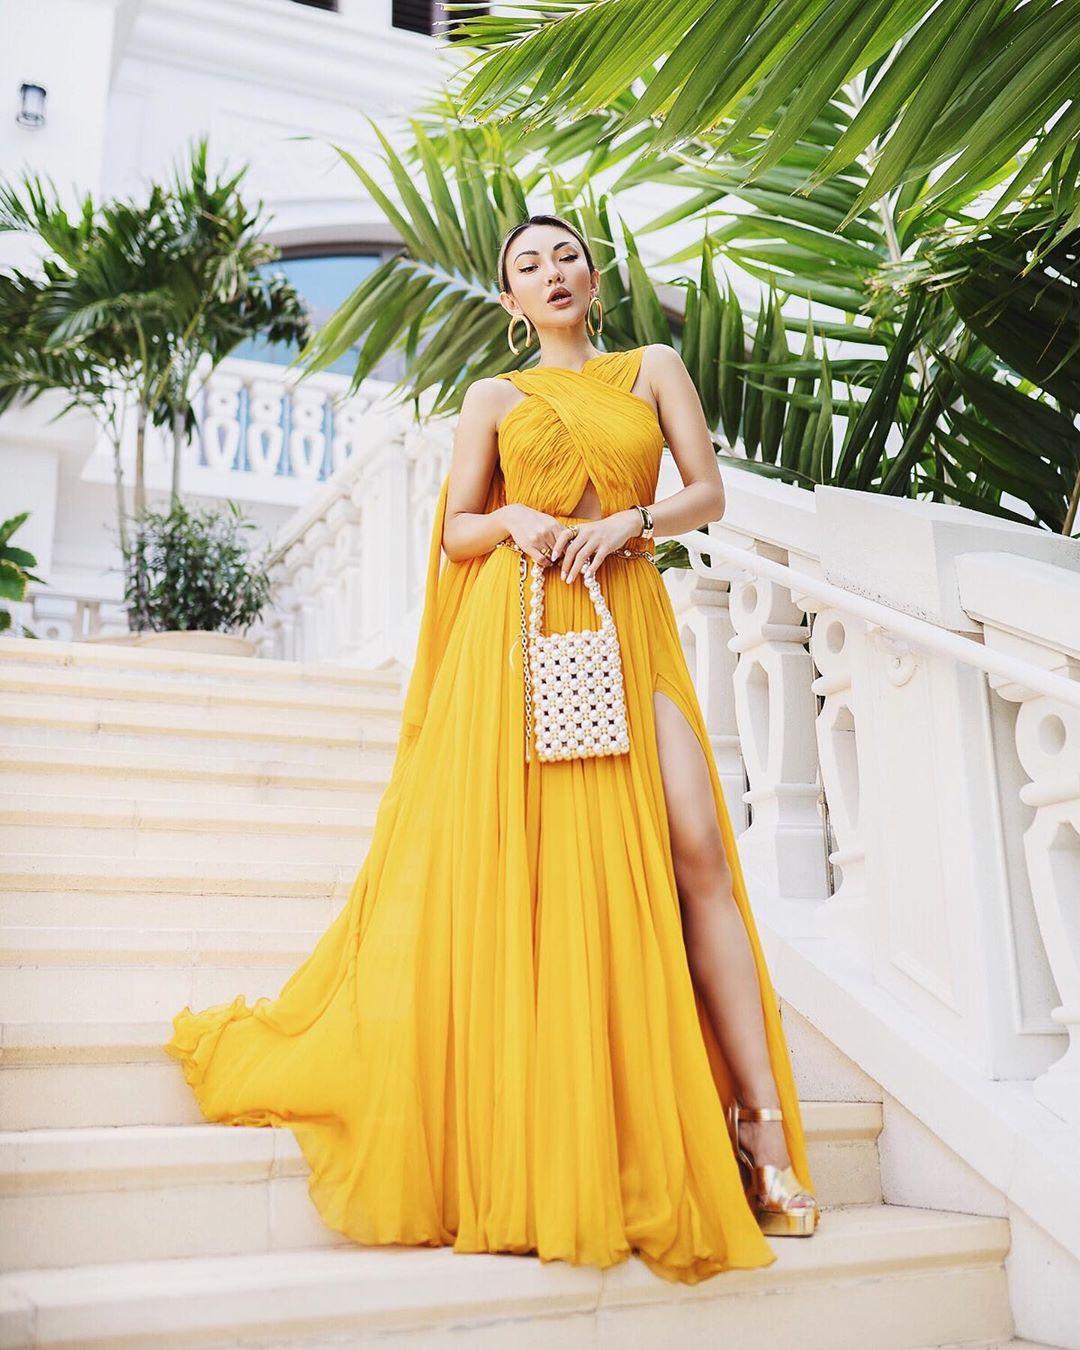 модный летние образы в желтом цвете фото 10